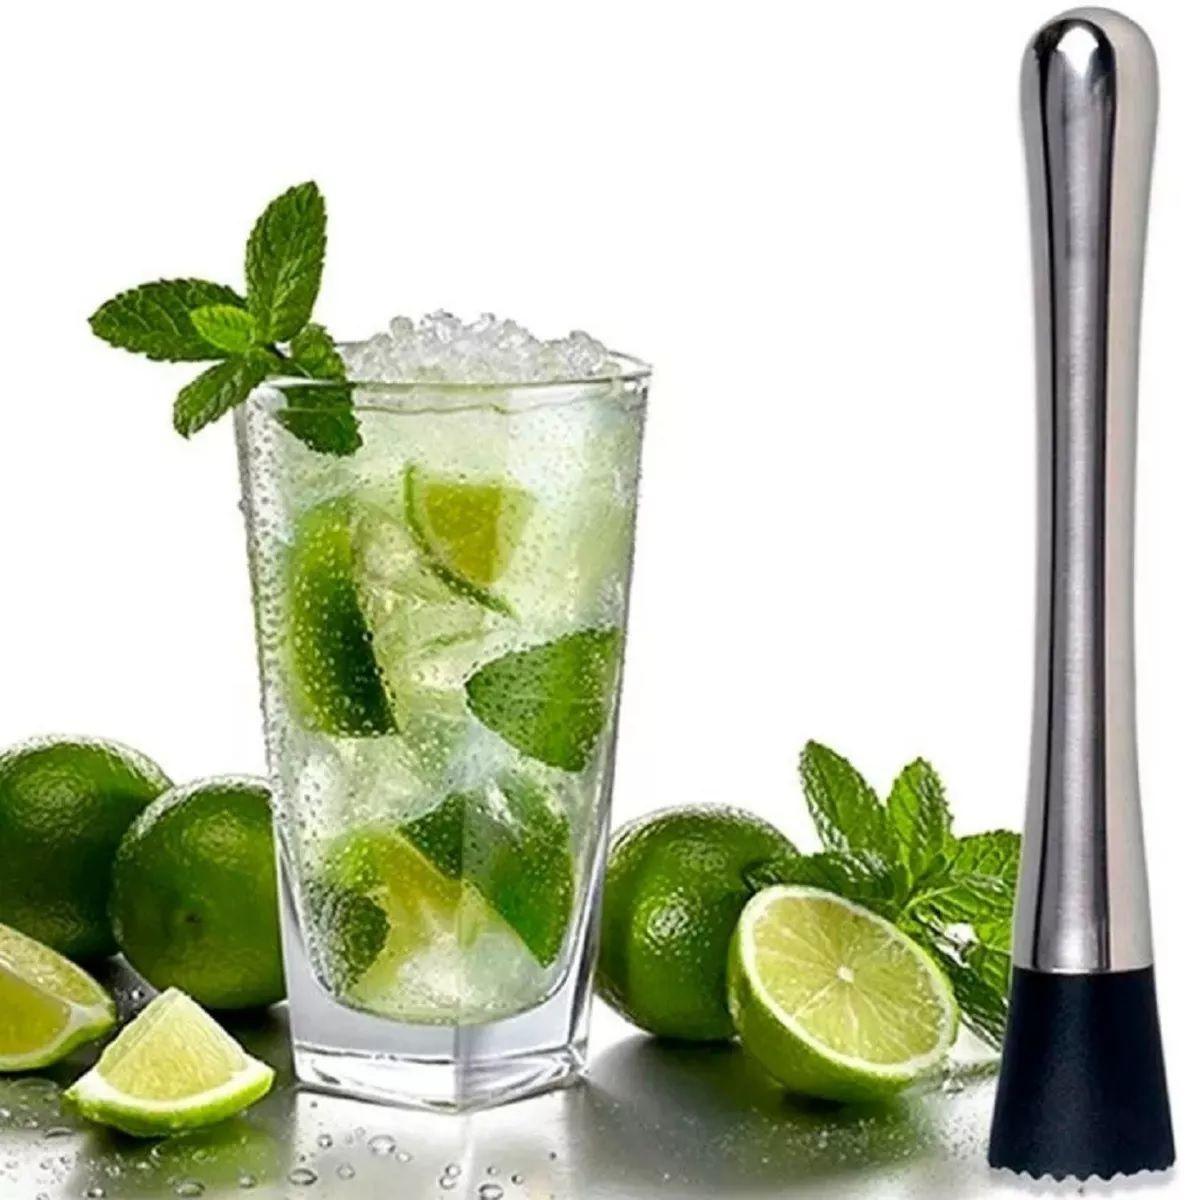 Socador Macerador Inox Drinks Caipirinha Bar